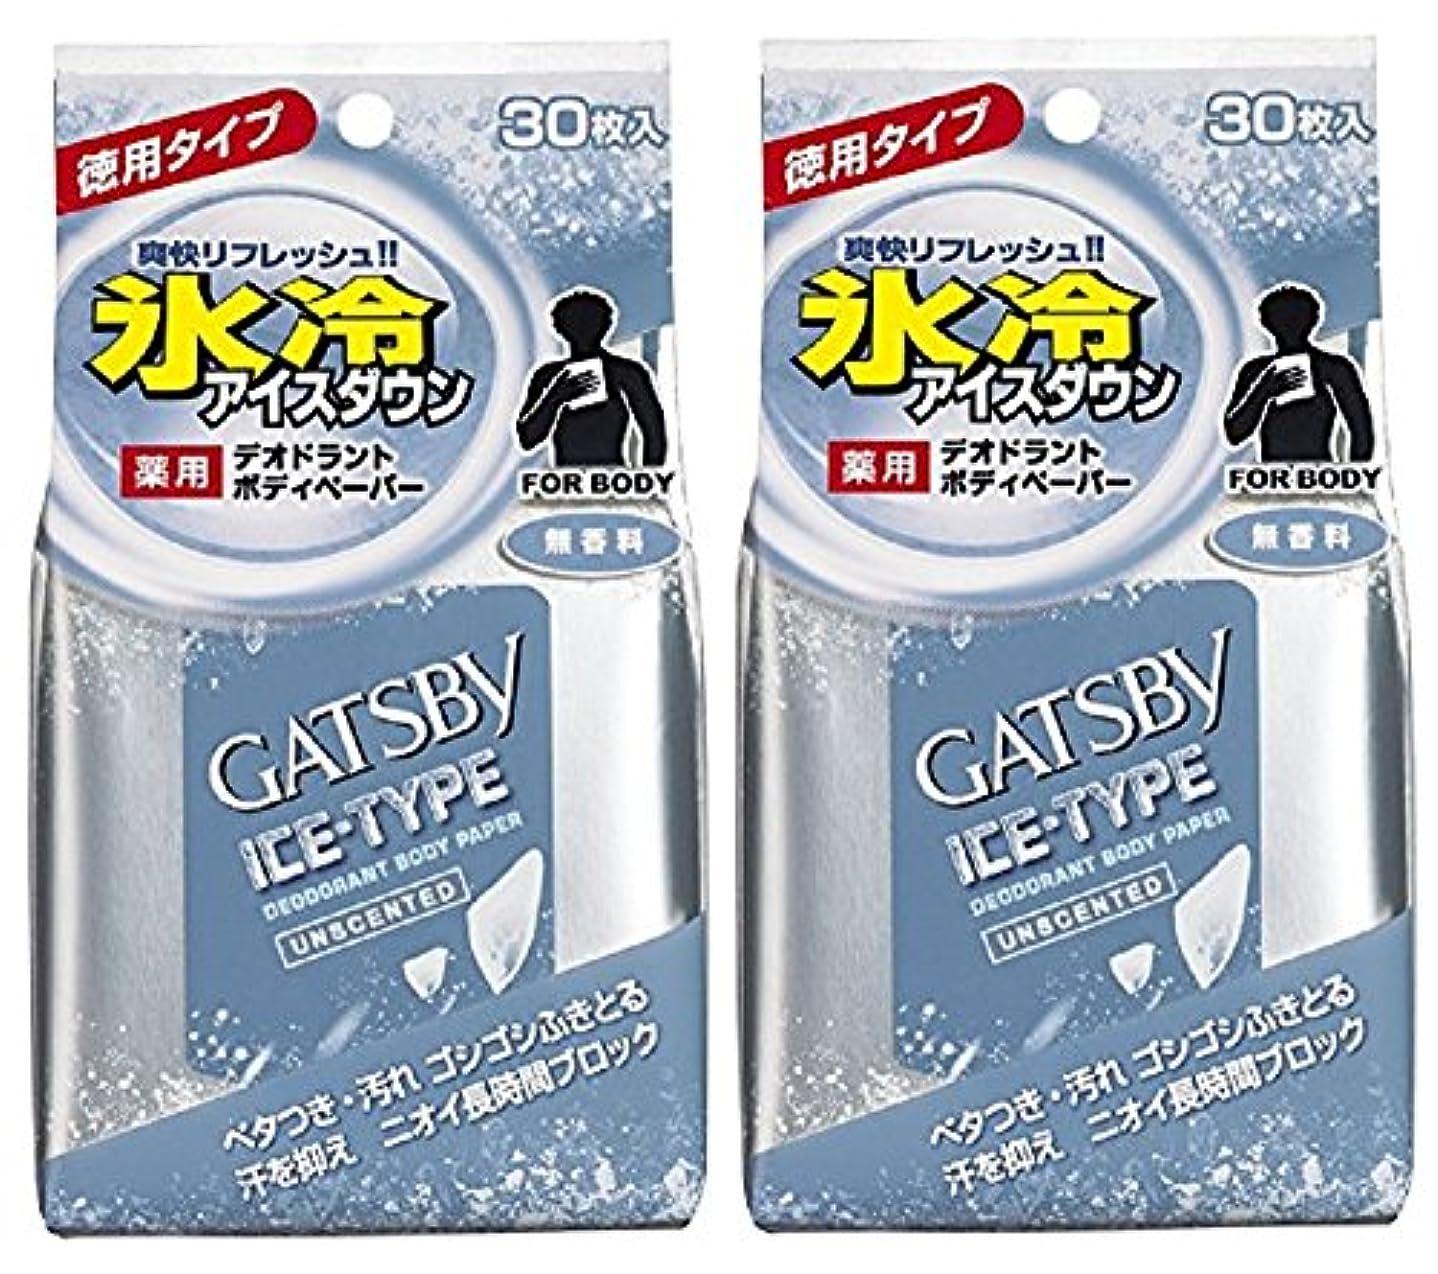 健康アラームようこそGATSBY (ギャツビー) アイスデオドラントボディペーパー 無香料 <徳用> (医薬部外品) 30枚 2P